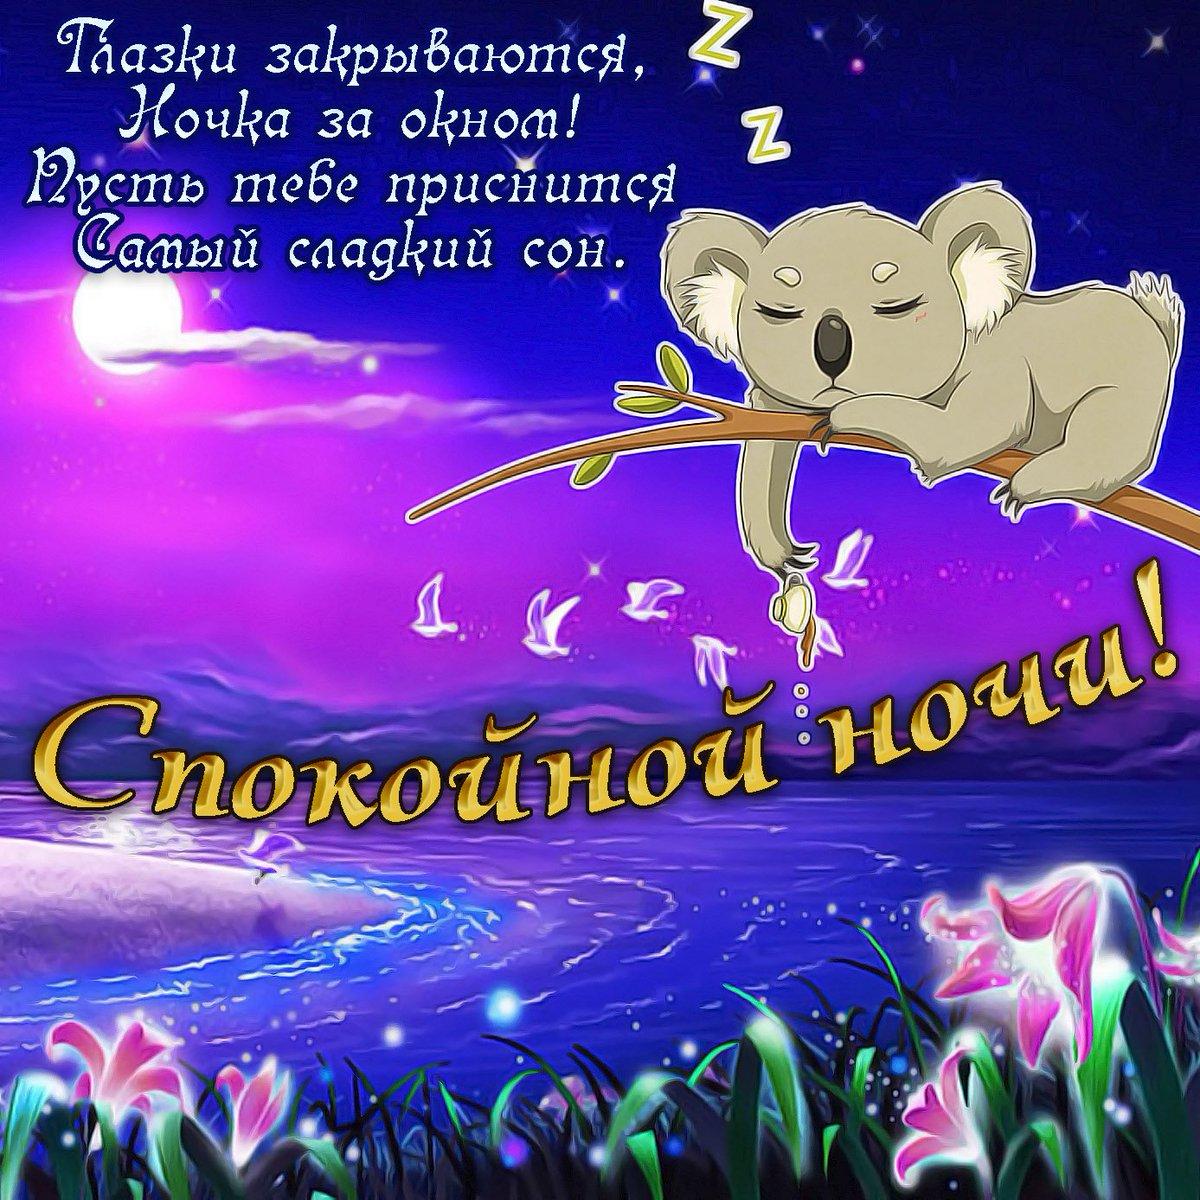 Милое пожелание спокойной ночи картинки